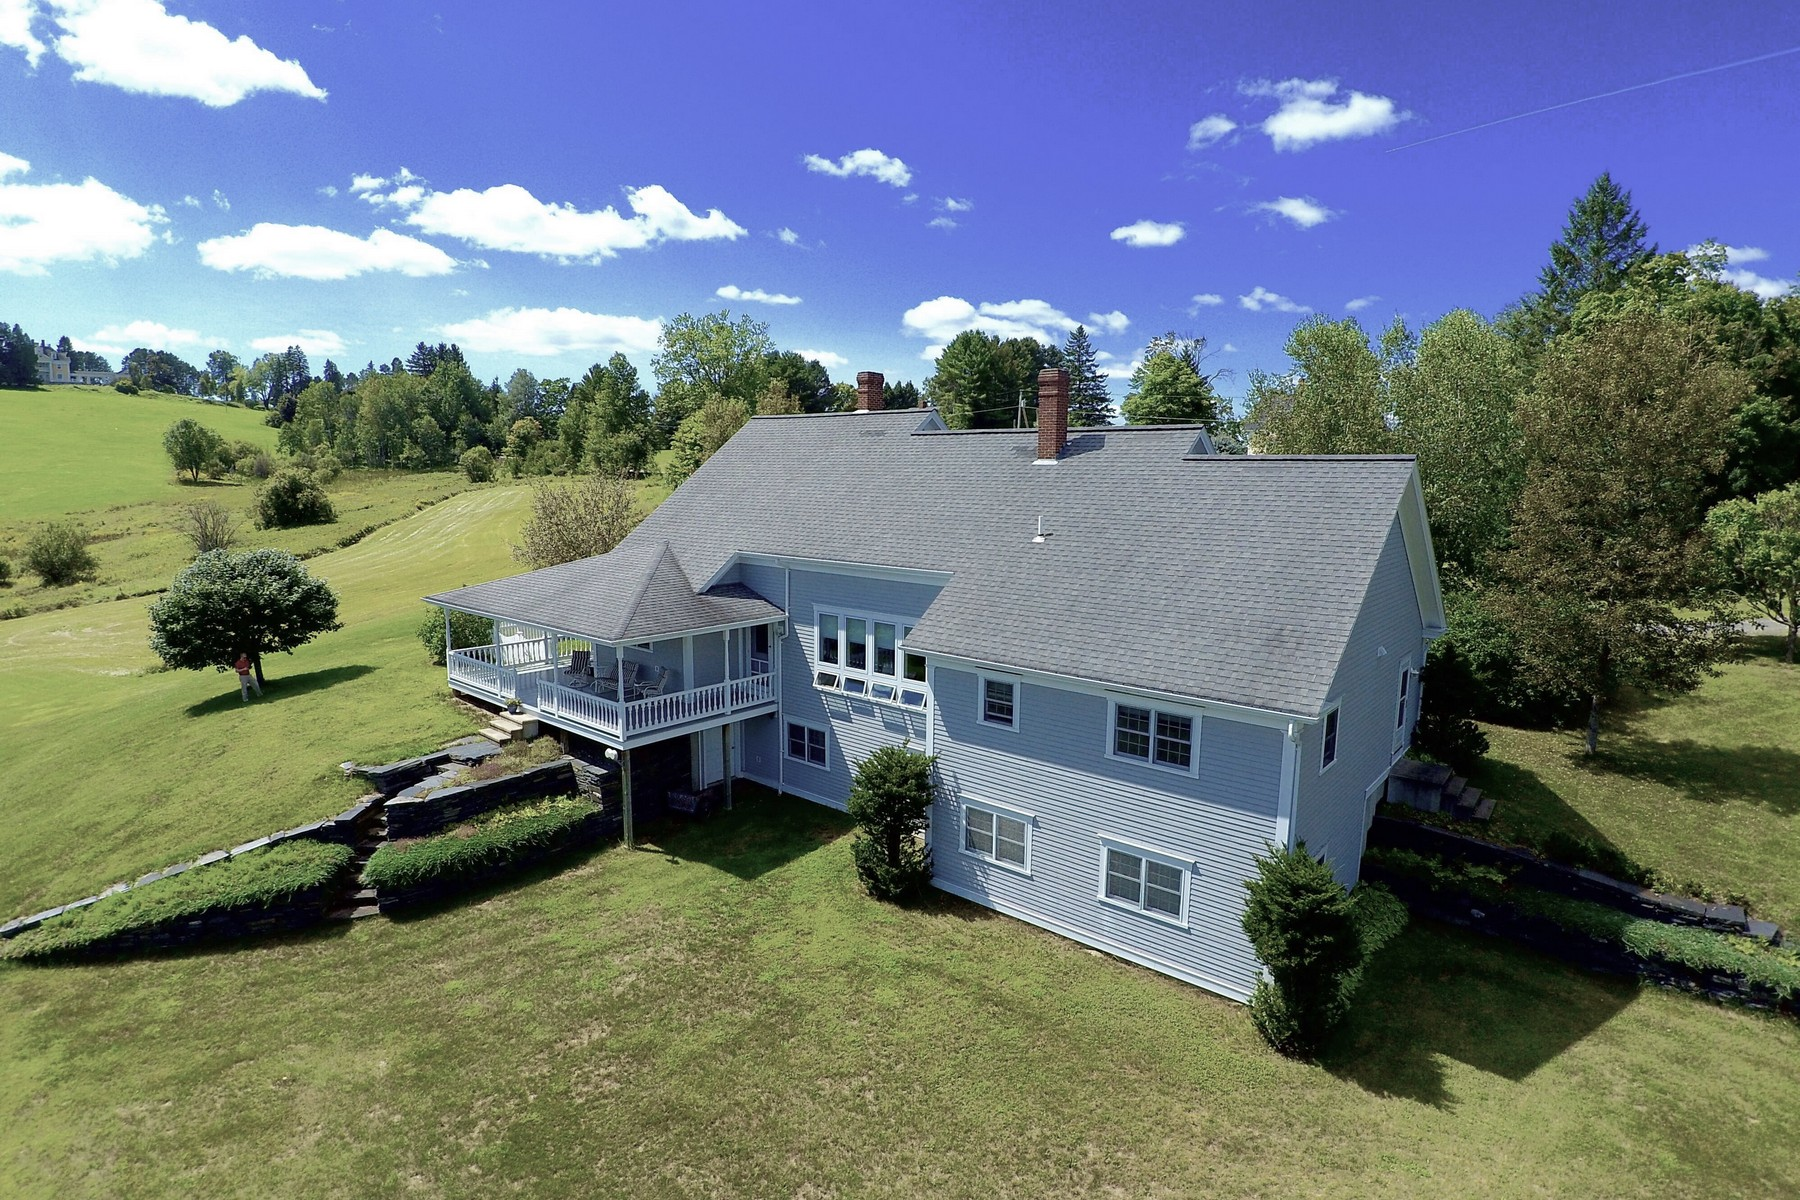 Einfamilienhaus für Verkauf beim 3298 Darling Hill Rd, Burke Burke, Vermont, 05832 Vereinigte Staaten